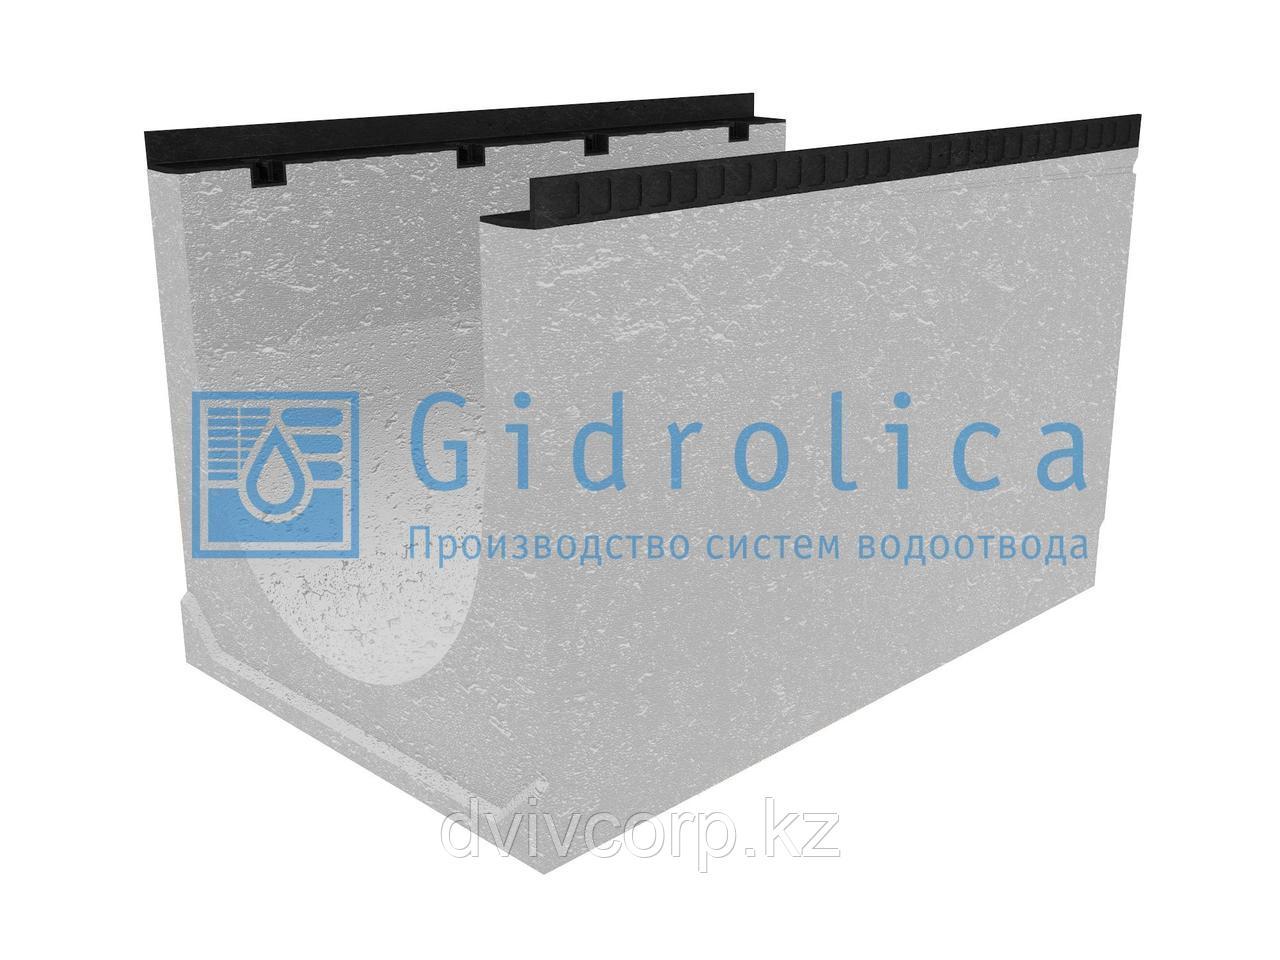 Лоток водоотводный бетонный коробчатый (СО-500мм), с уклоном 0,5%  КUу 100.65(50).64,5(55,5) - BGМ, № 39